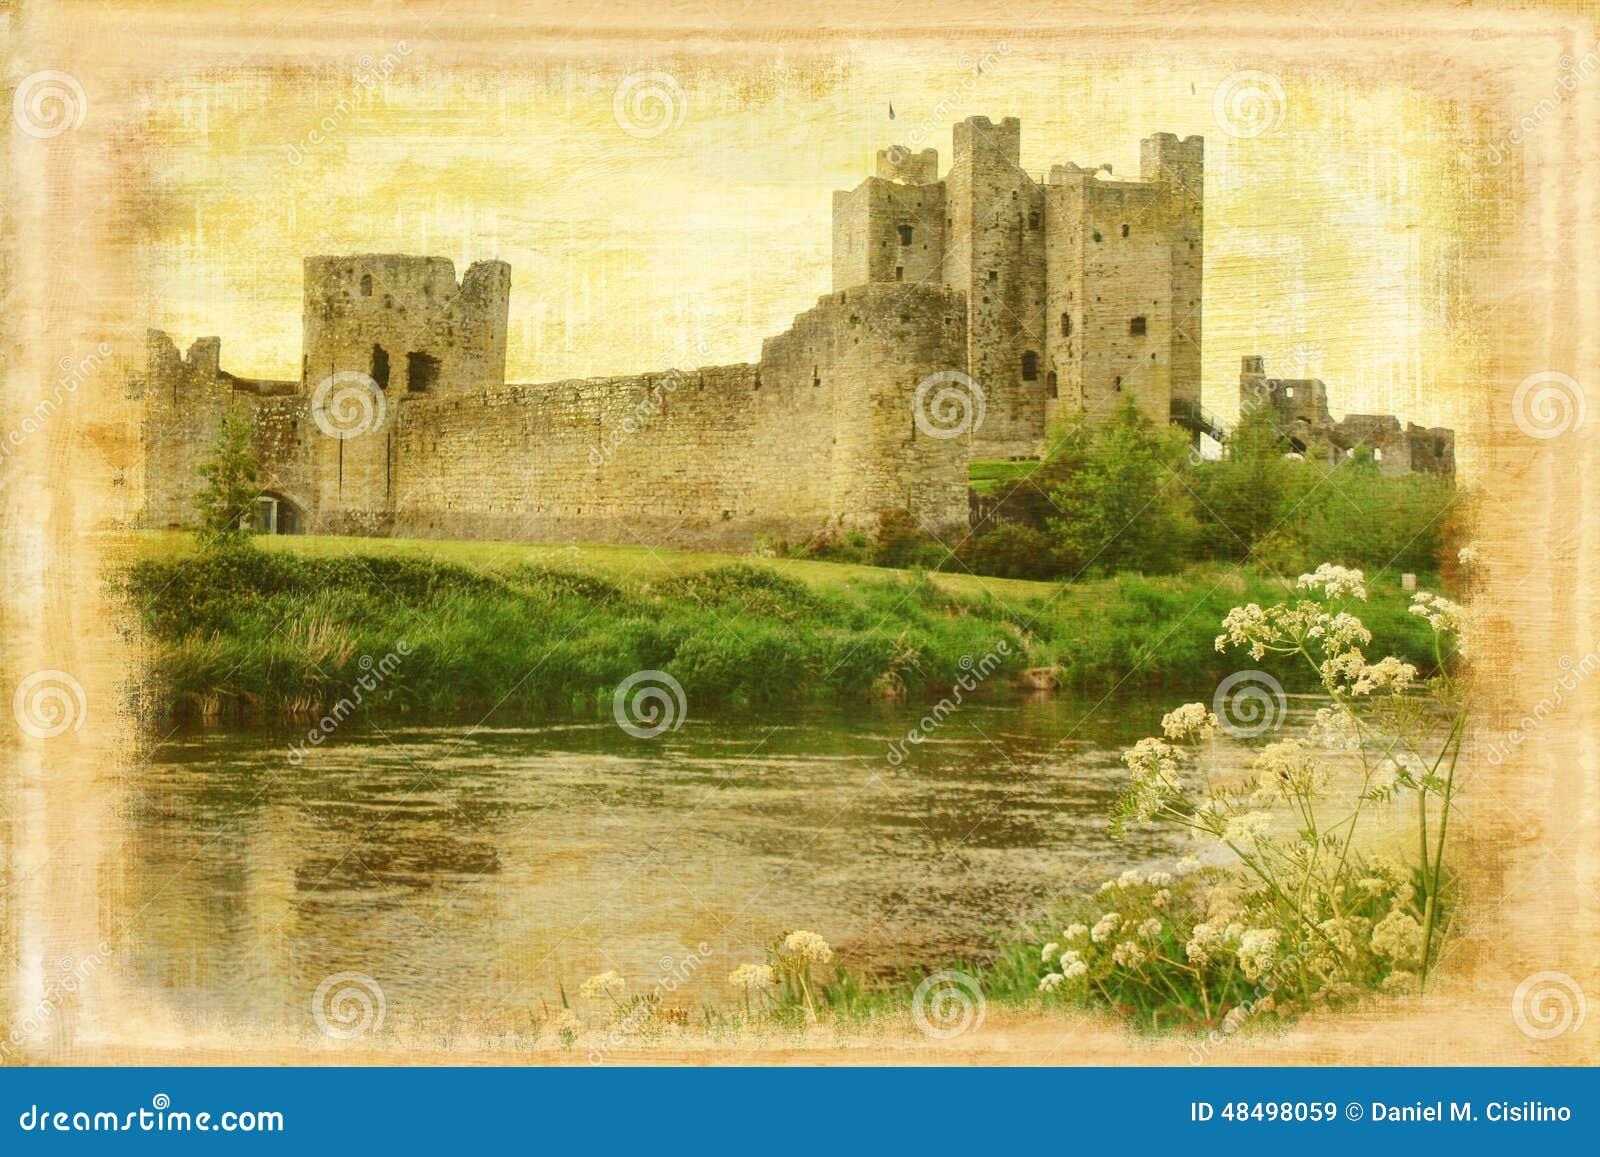 修剪城堡 修整 爱尔兰